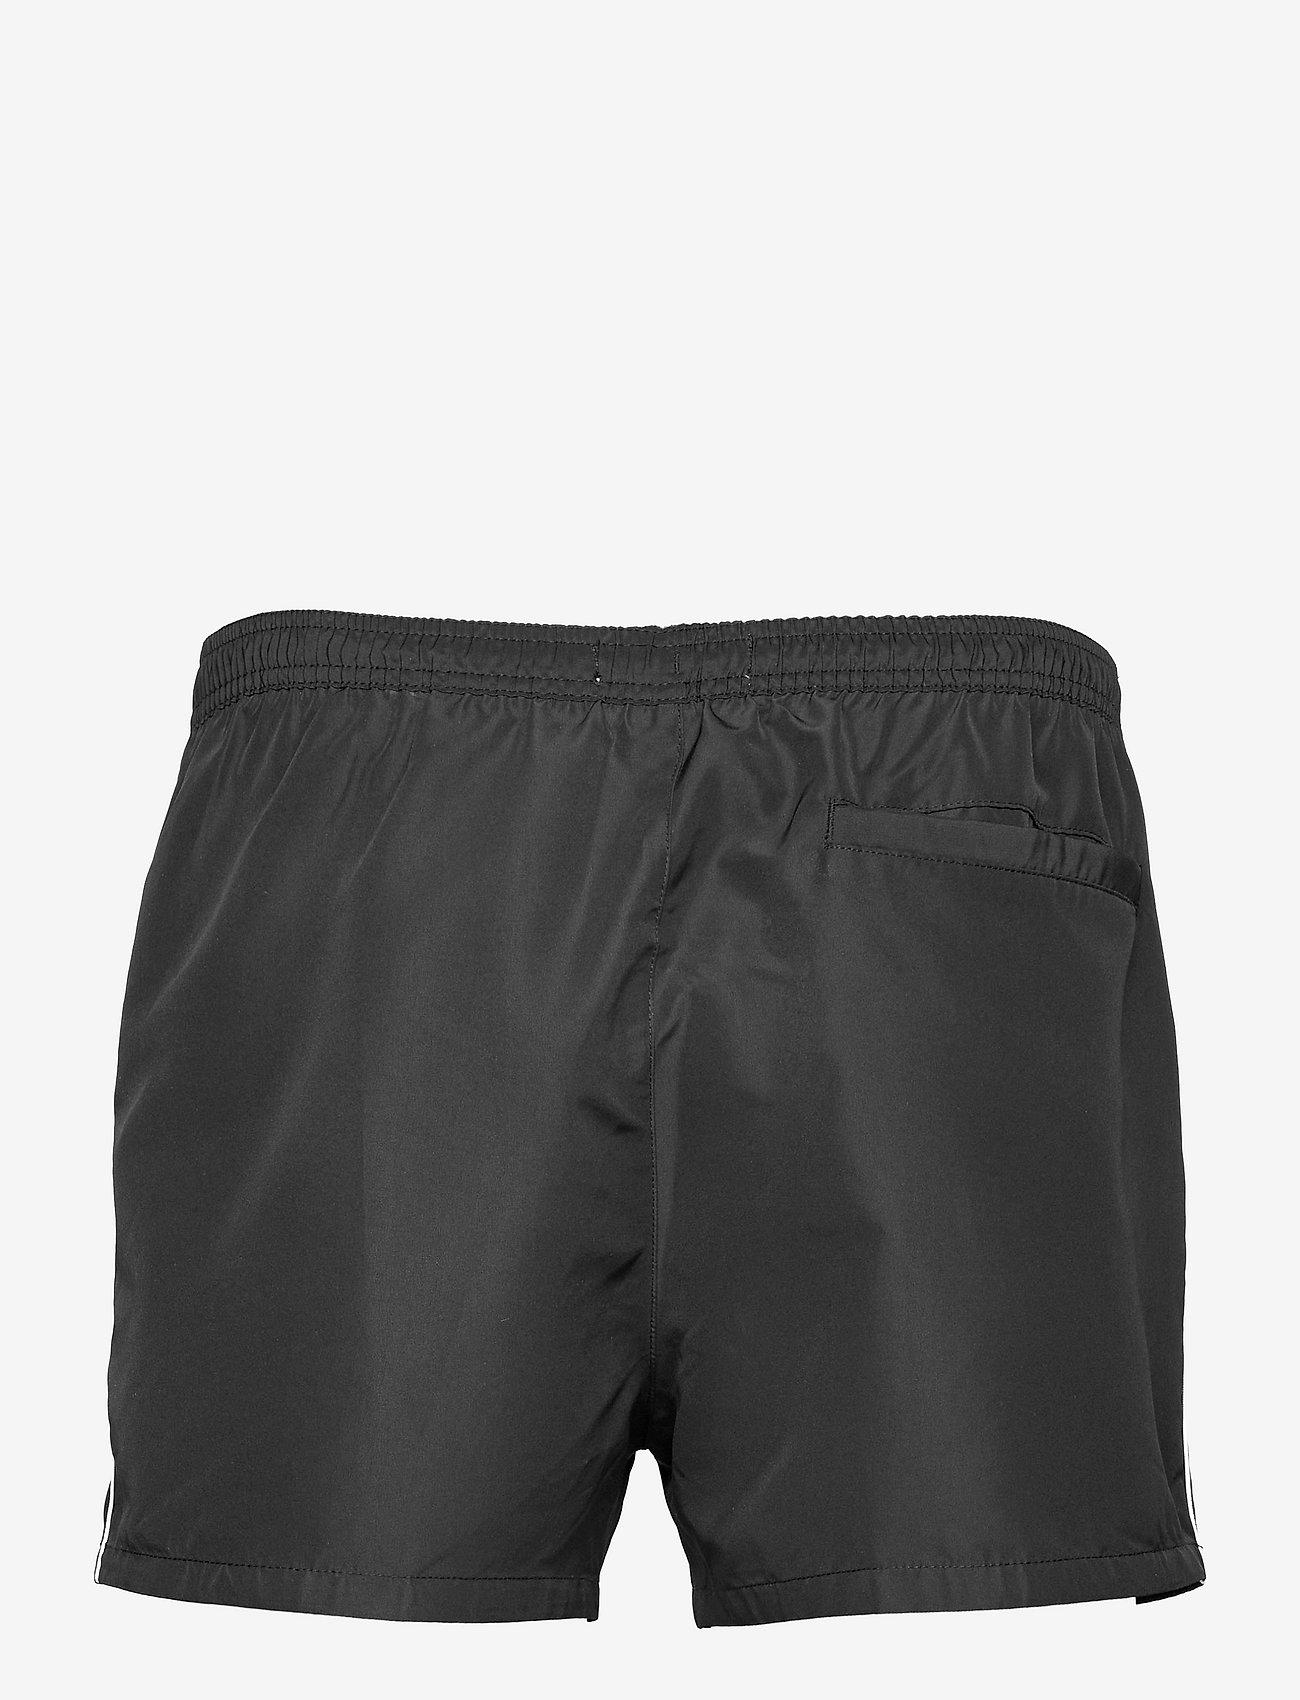 Calvin Klein - SHORT RUNNER-PACKABLE - shorts de bain - pvh black - 1